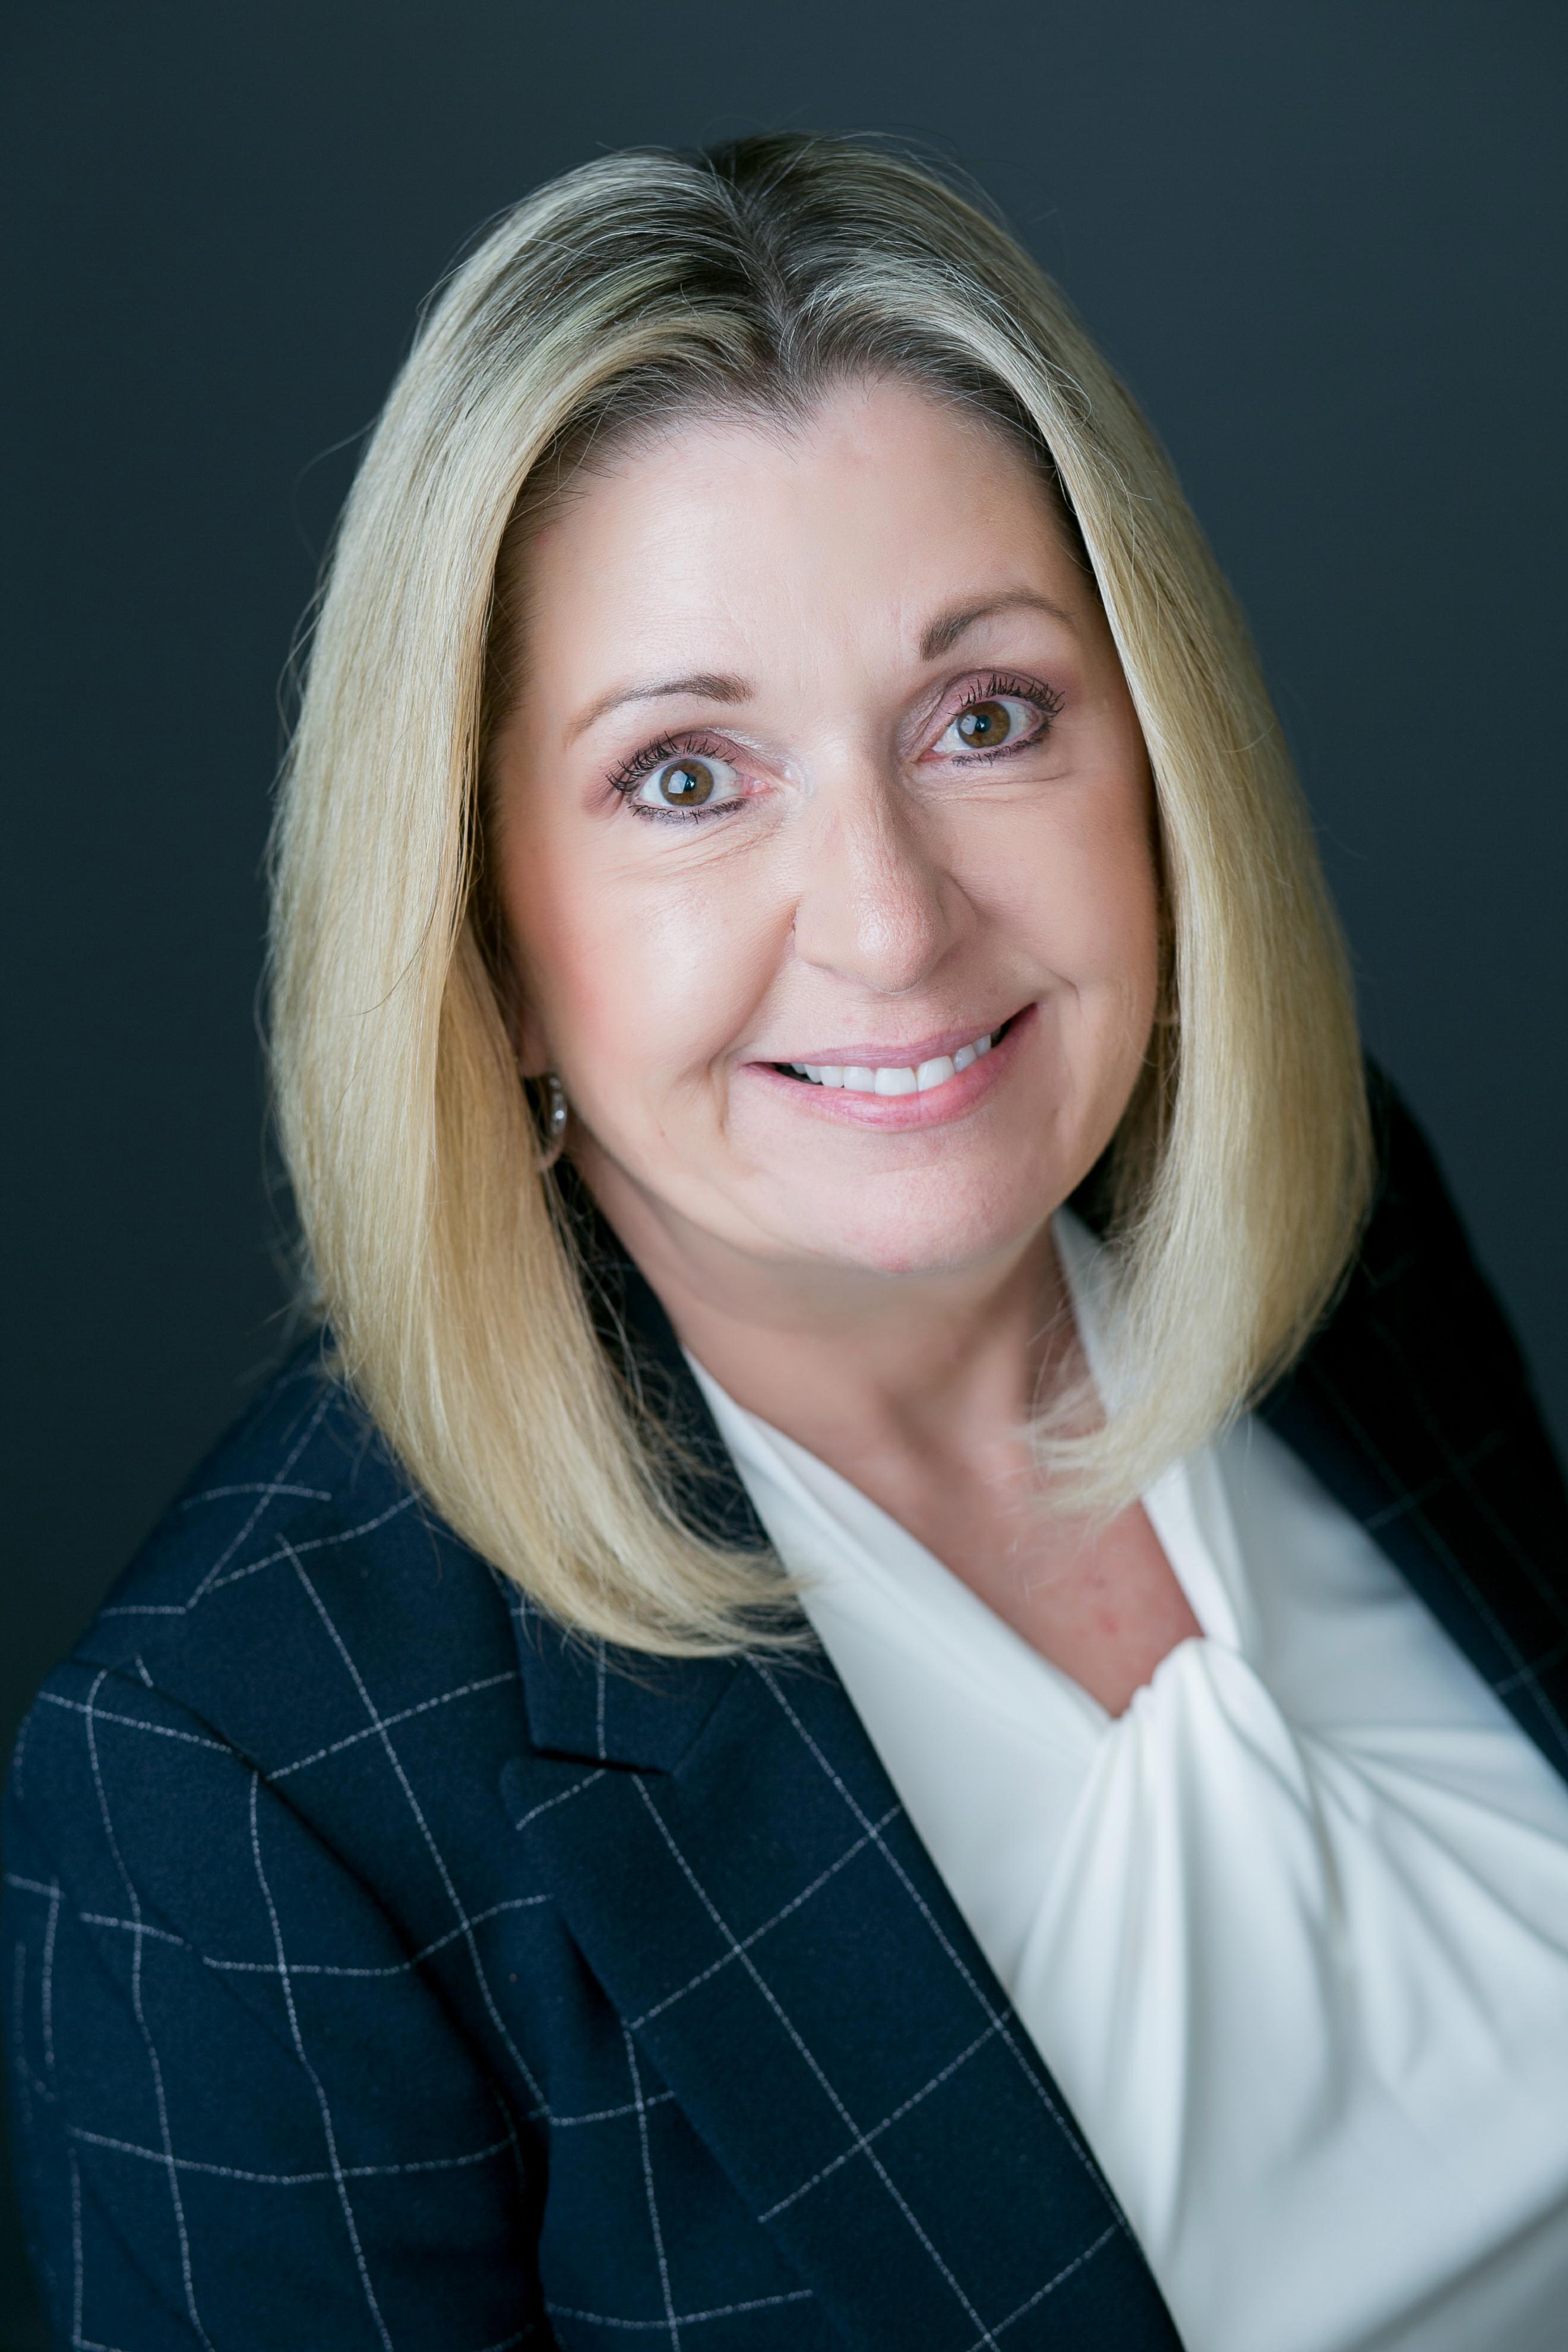 Anne Hicks Profile Image